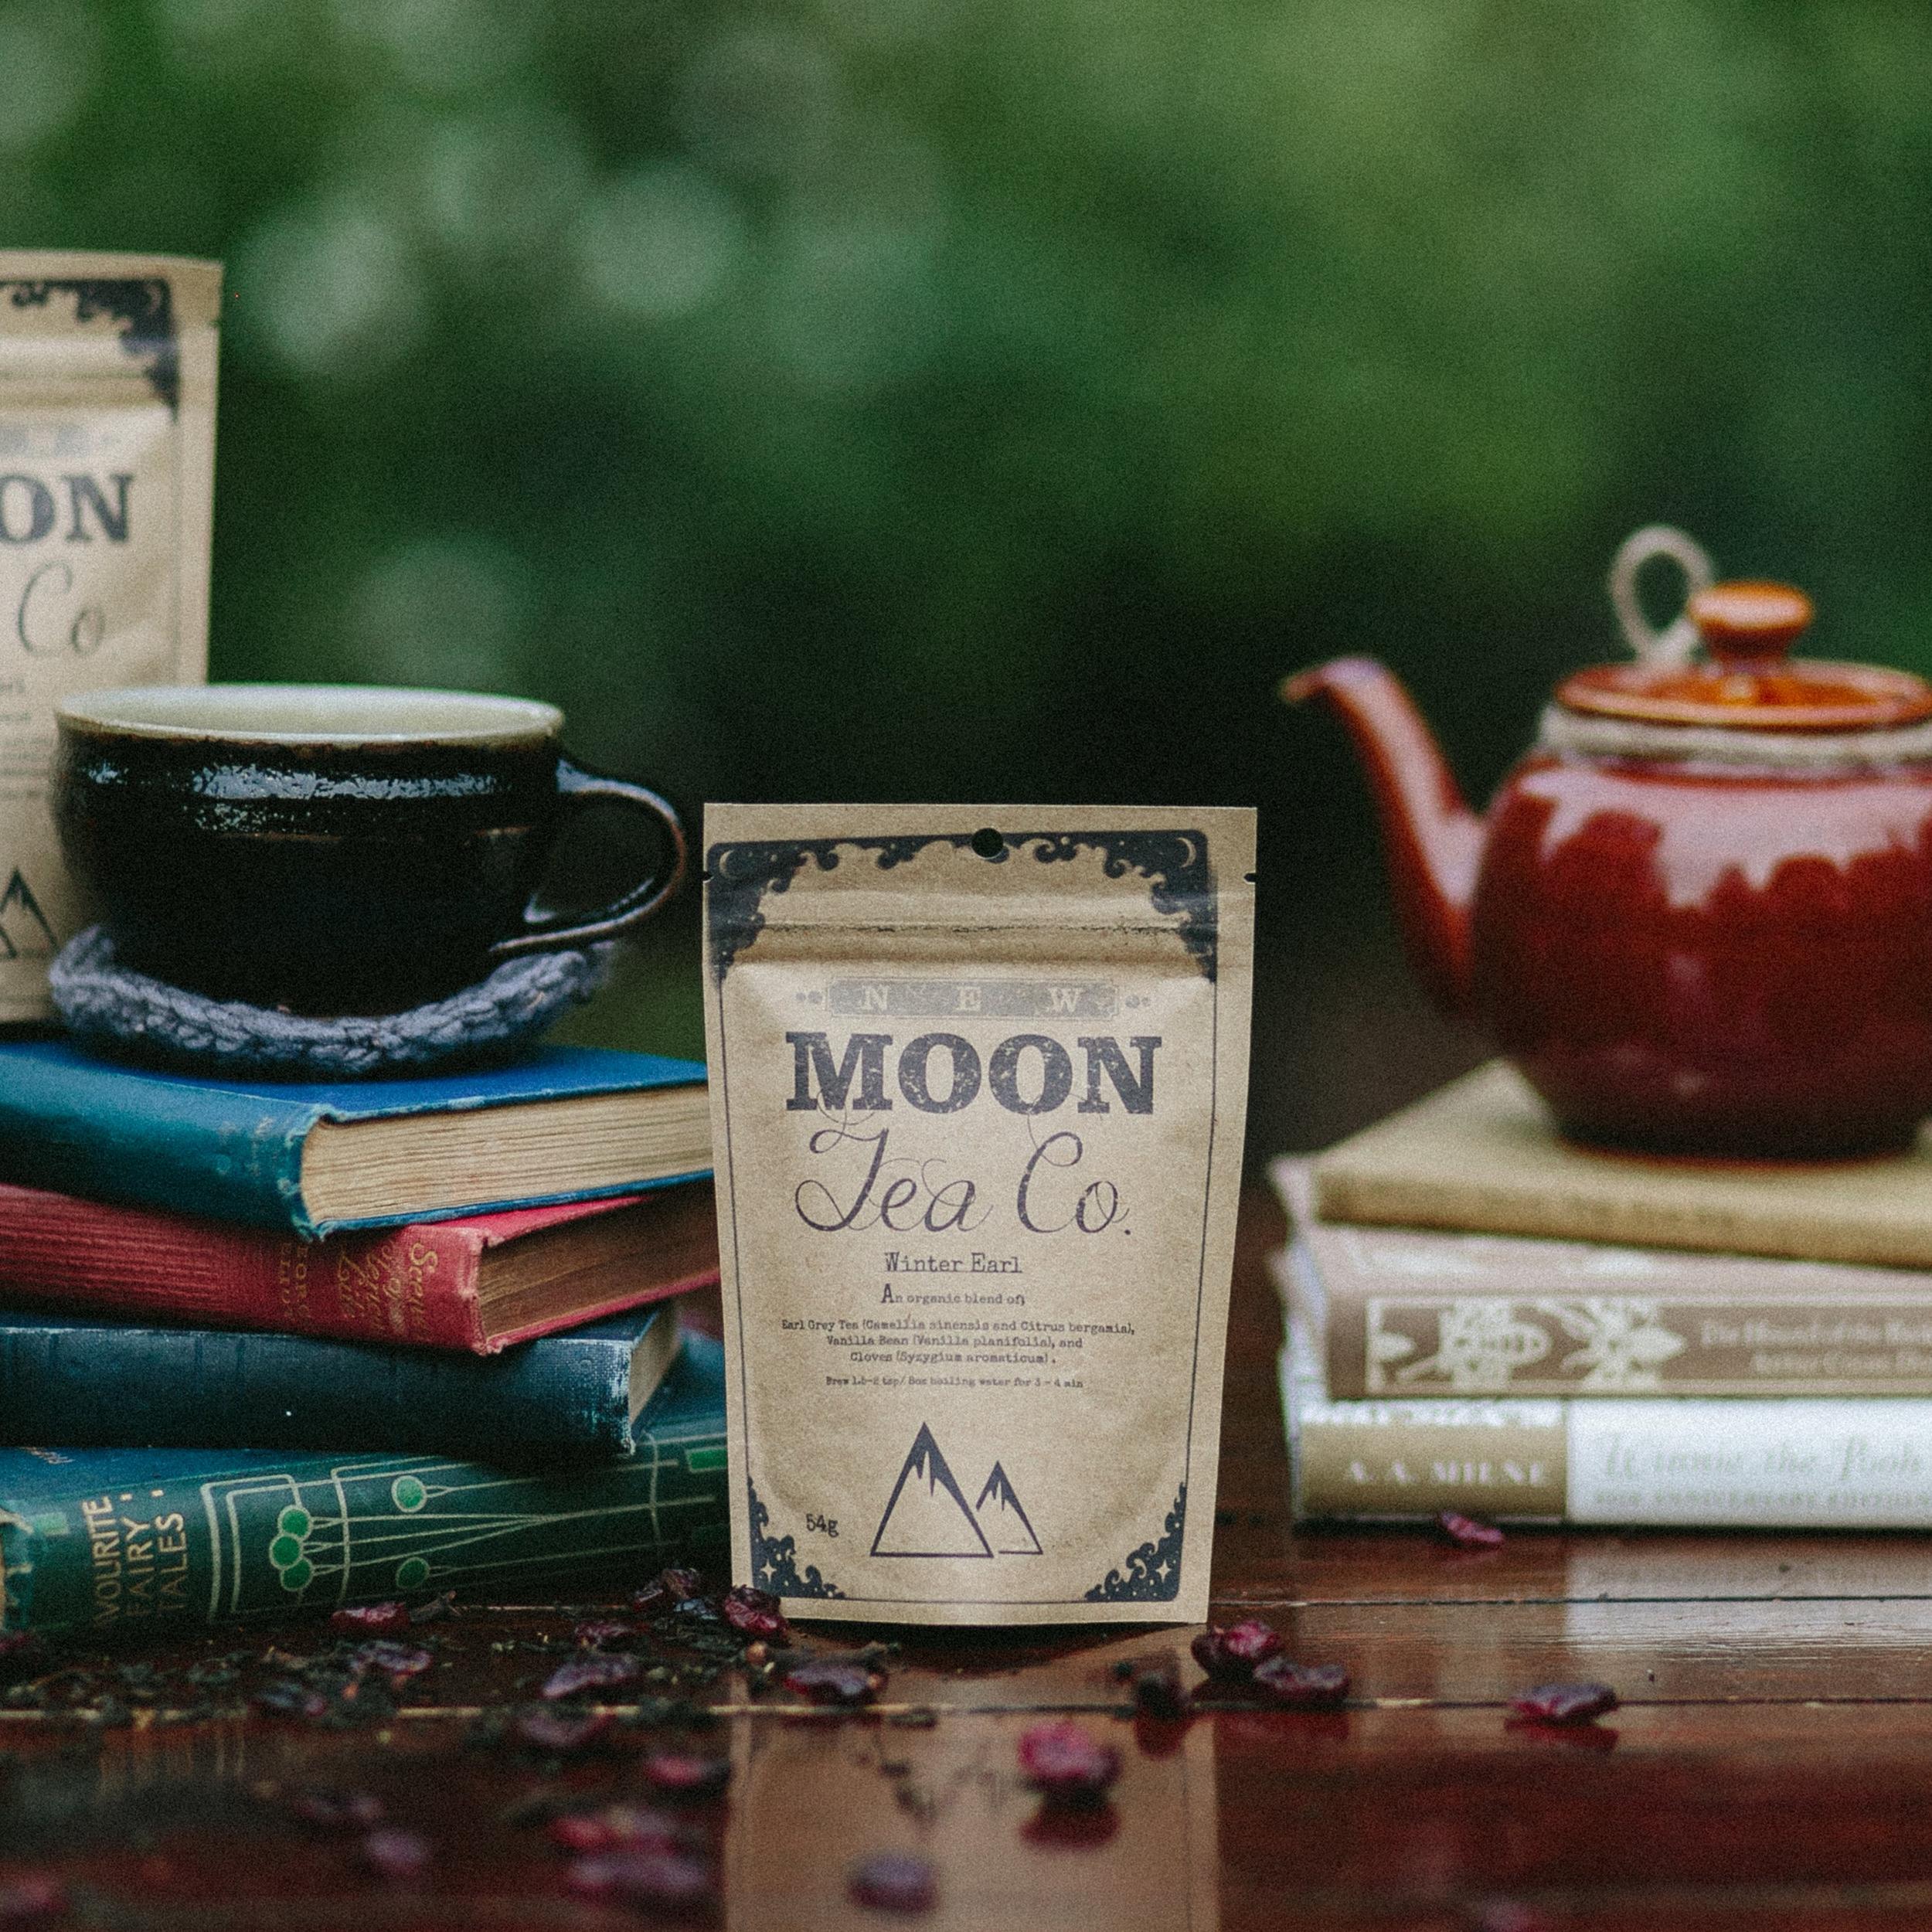 New Moon Winter Earl Tea ($5.12)